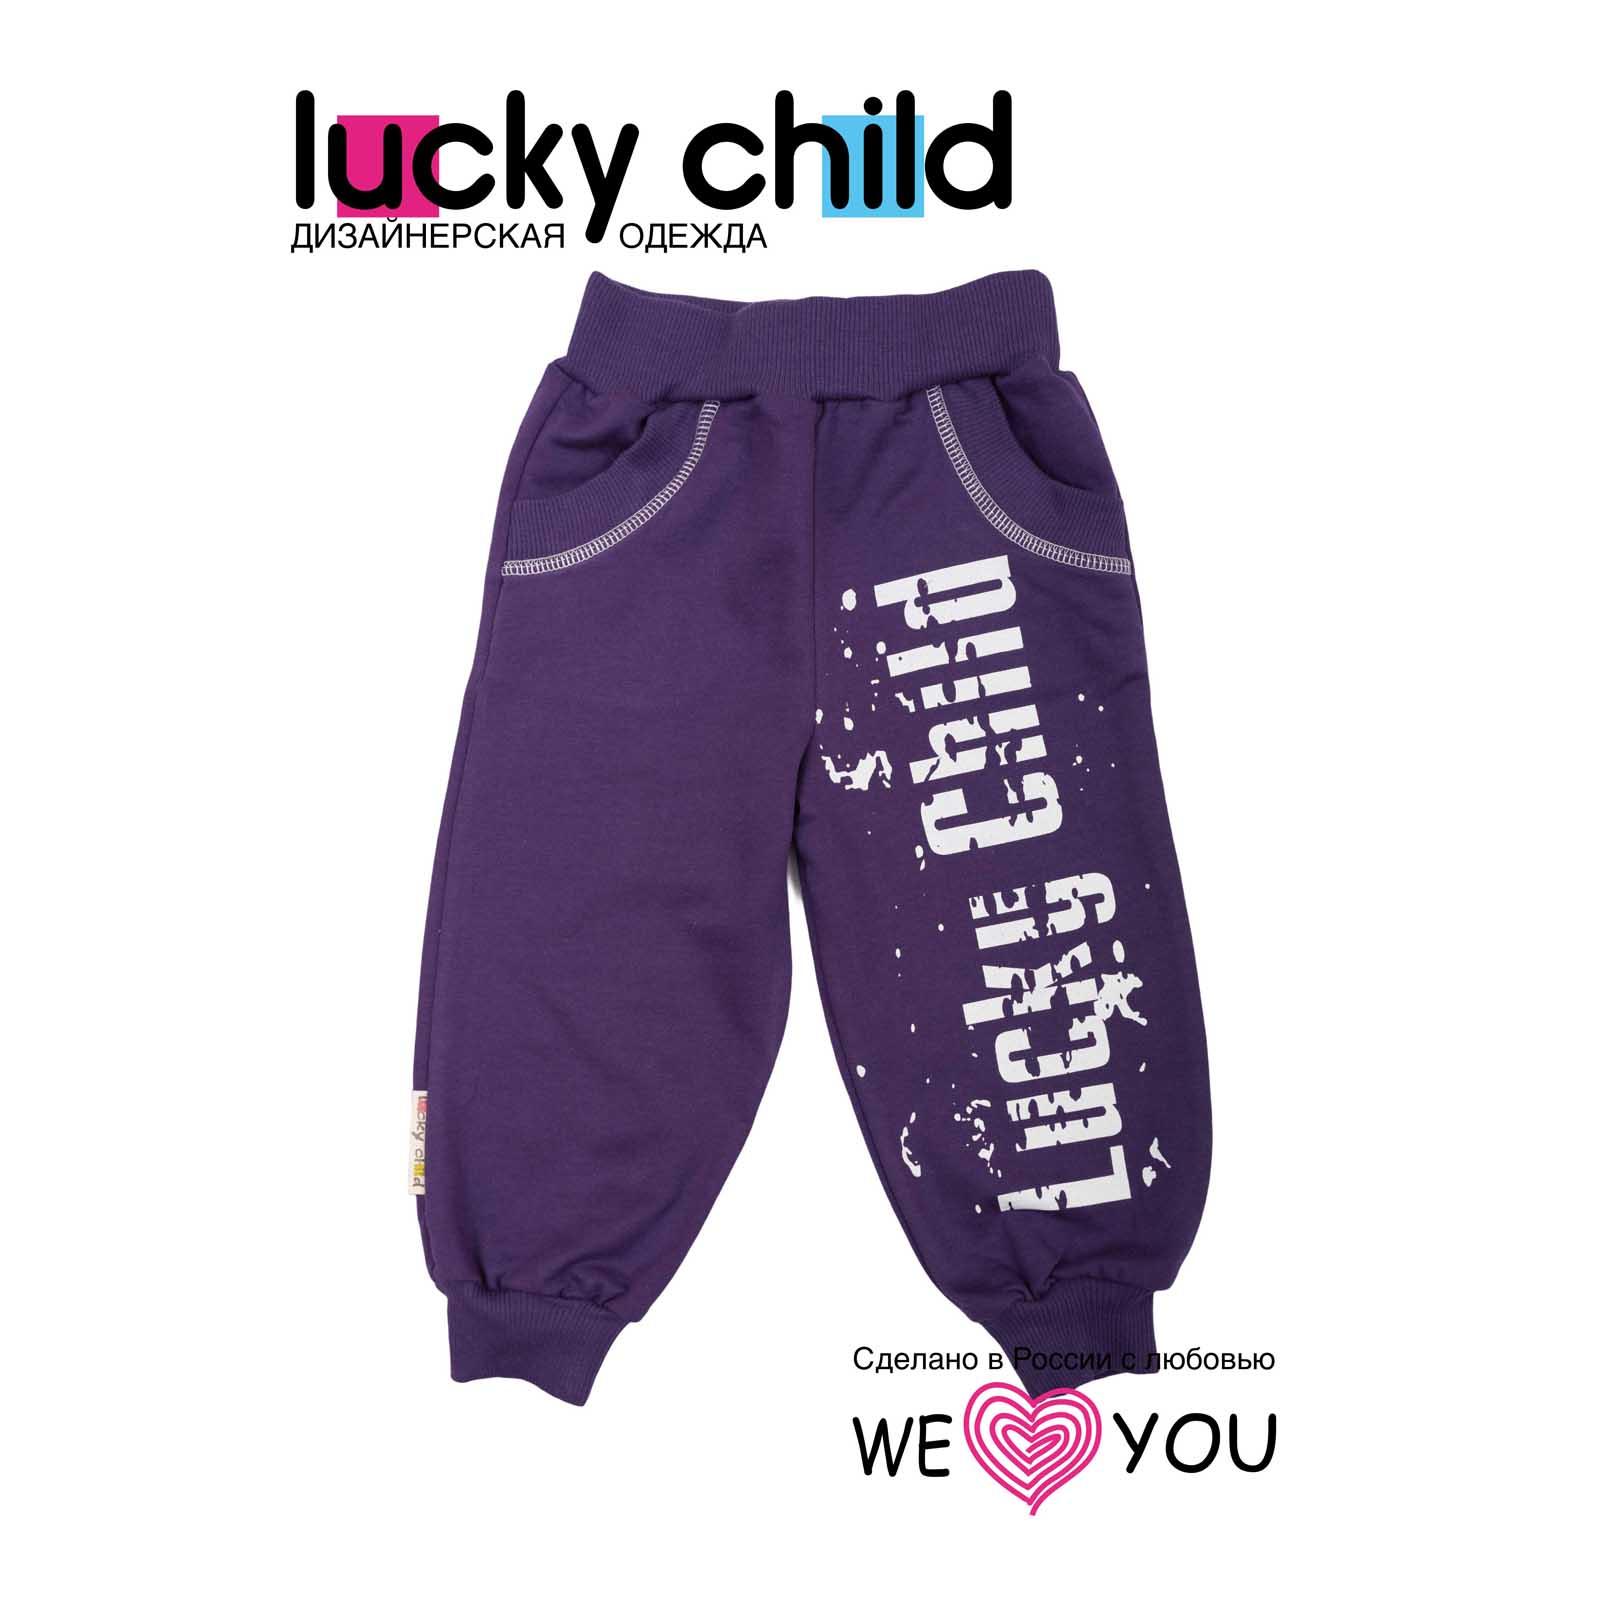 Штанишки Lucky Child утепленные, цвет фиолетовый (размер 80<br>